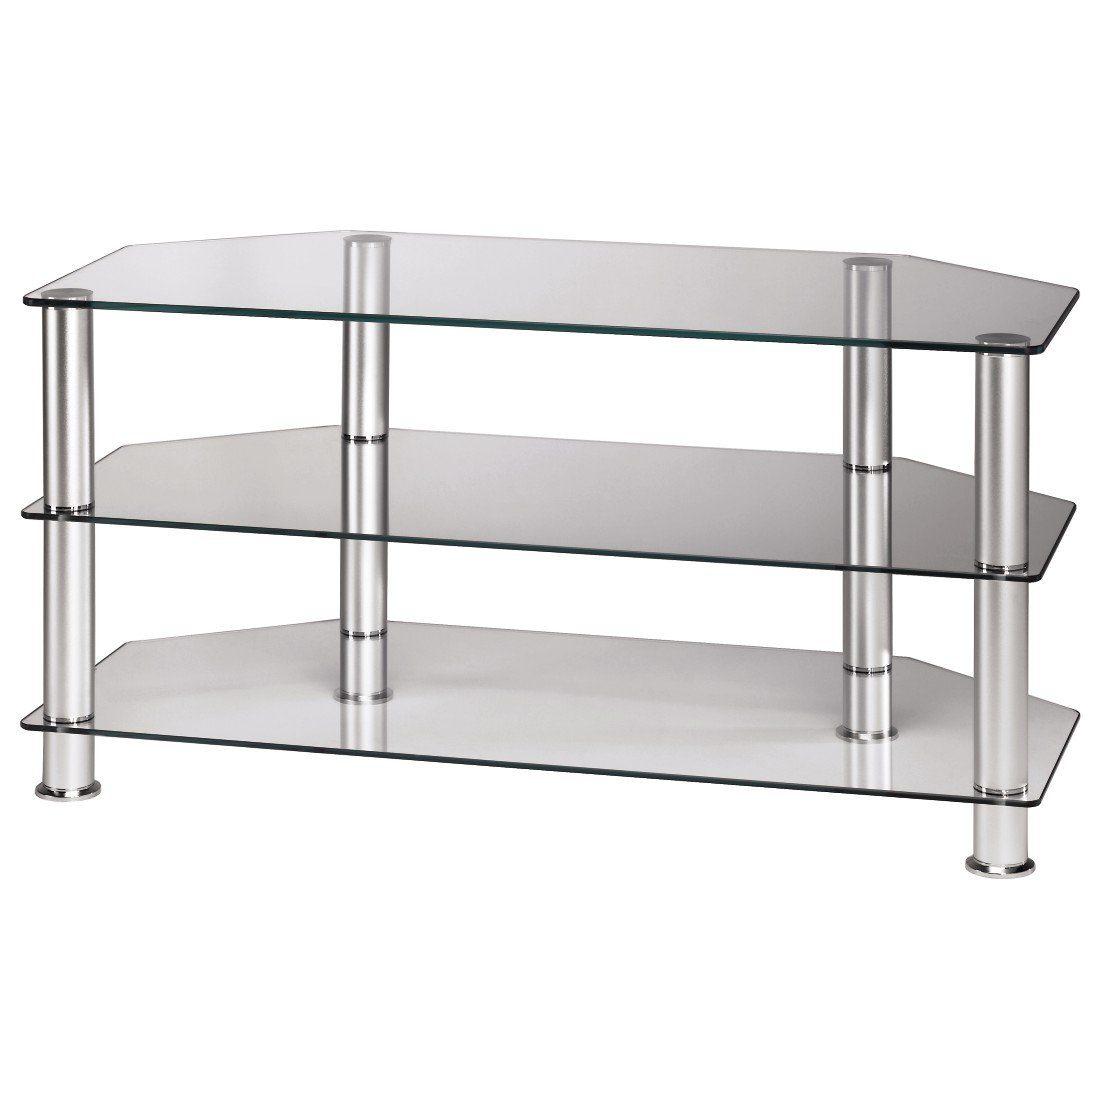 hama tv rack 1000 mm drei ablagen alu klarglas bequem. Black Bedroom Furniture Sets. Home Design Ideas